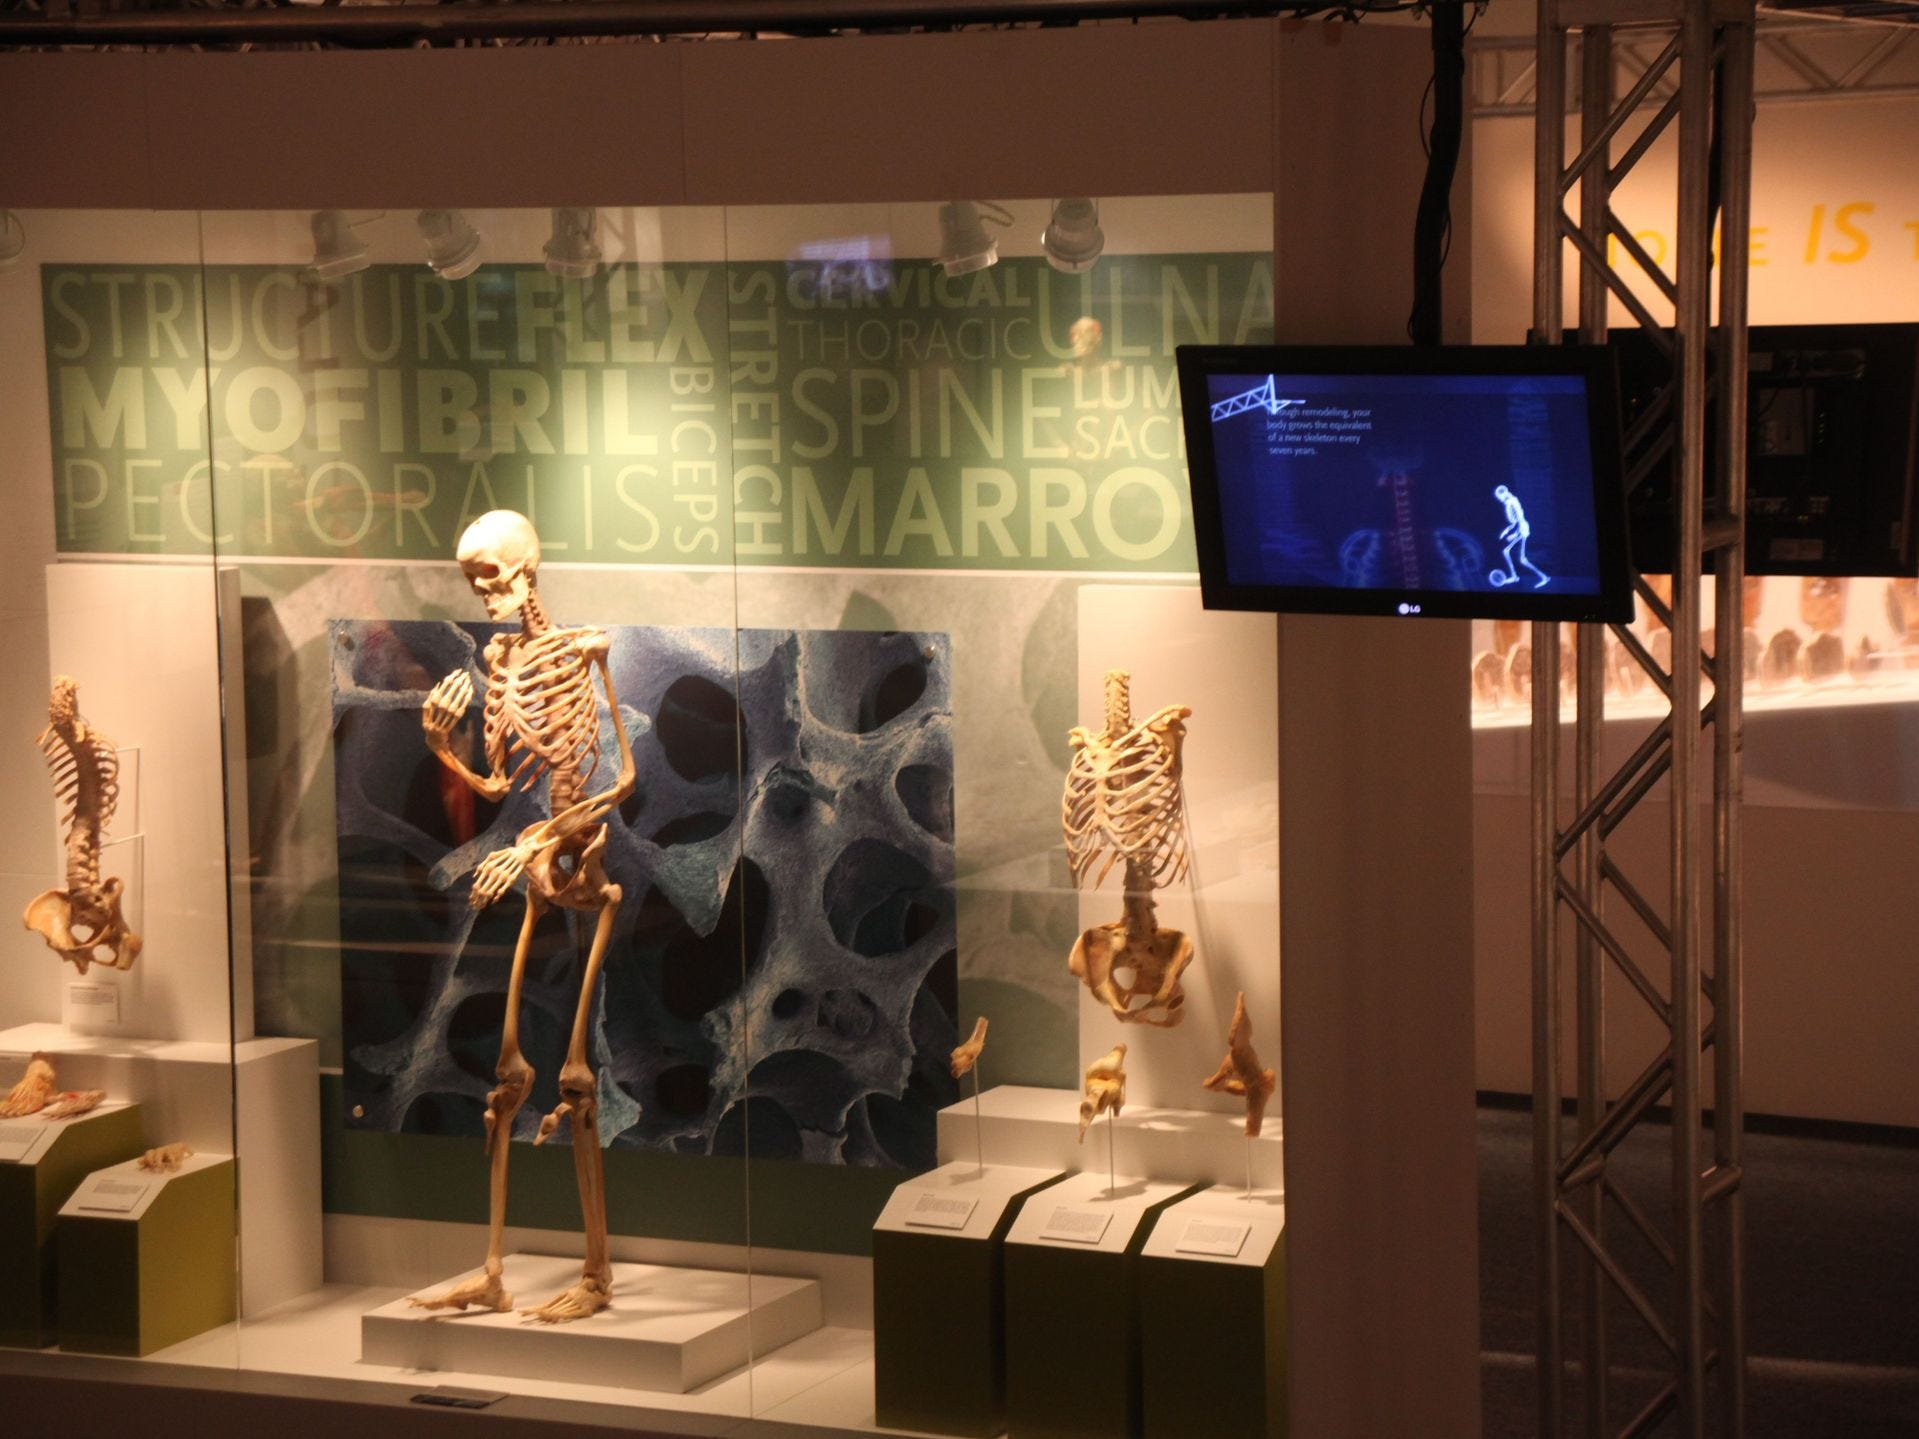 Las galerías incluyen el sistema esquelético, los músculos y el sistema nervioso, respiratorio, digestivo, urinario, reproductor, endocrino y circulatorio, el desarrollo fetal y el cuerpo tratado.